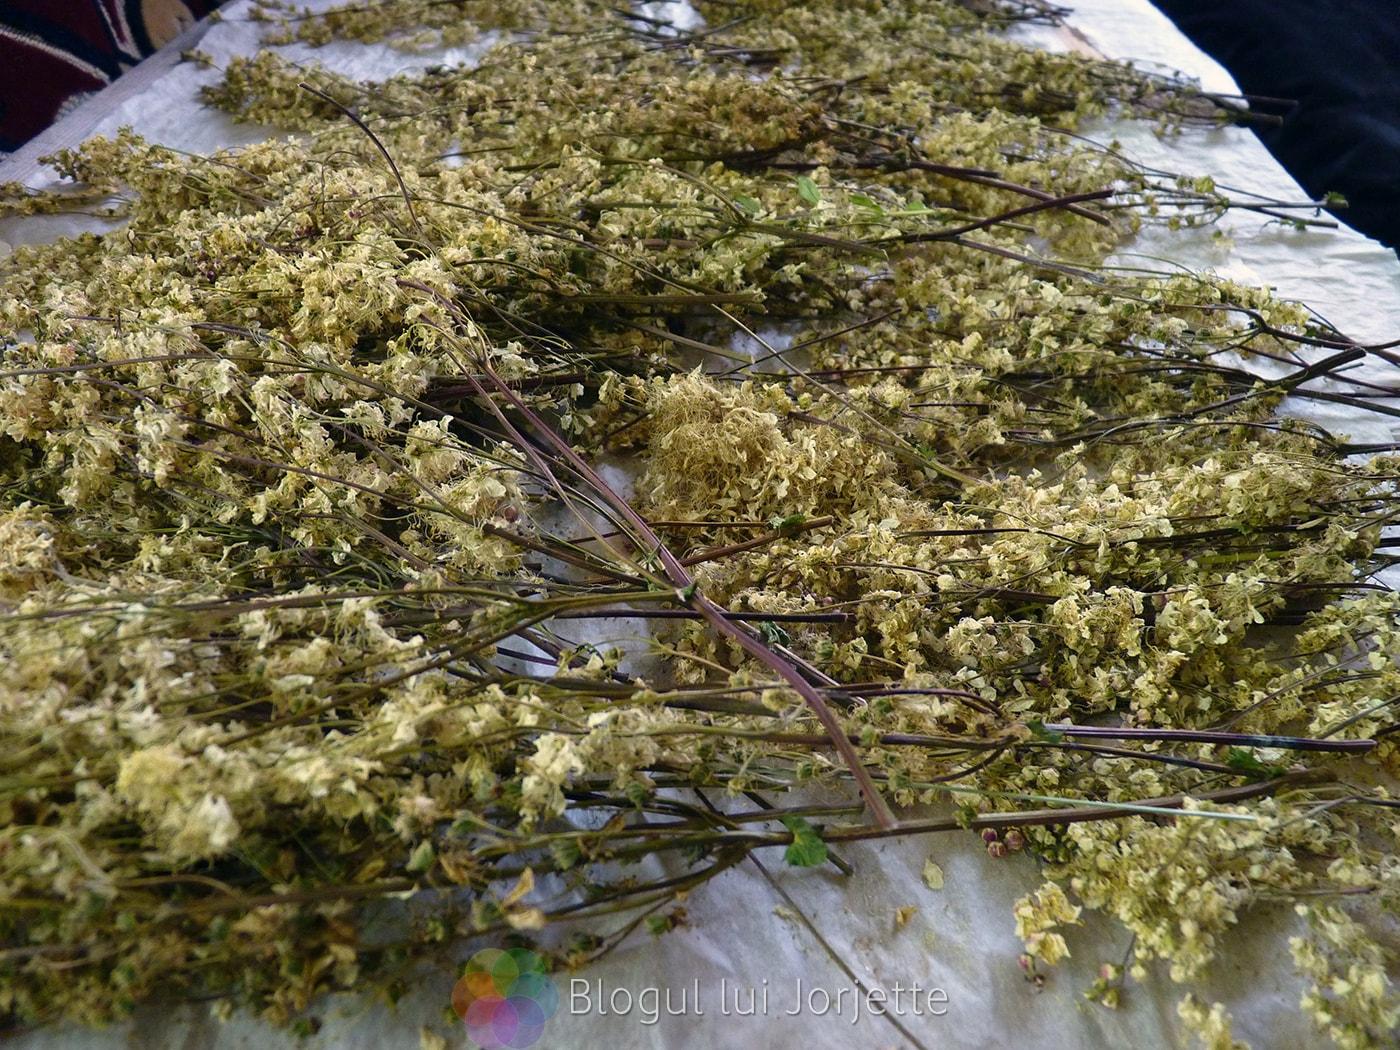 Flori de cretusca la uscat aspirina casei